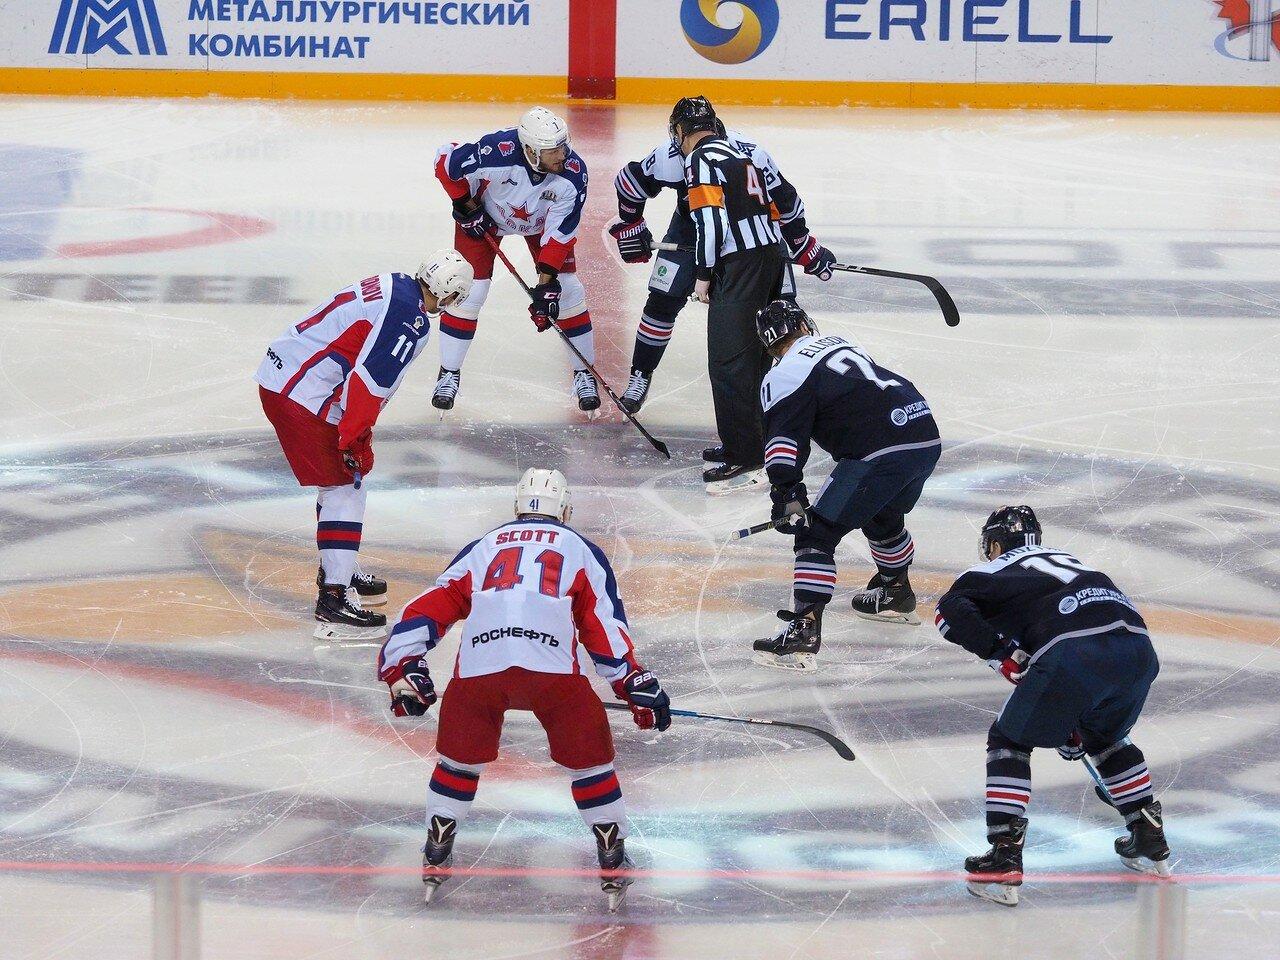 73 Металлург - ЦСКА 18.10.2017